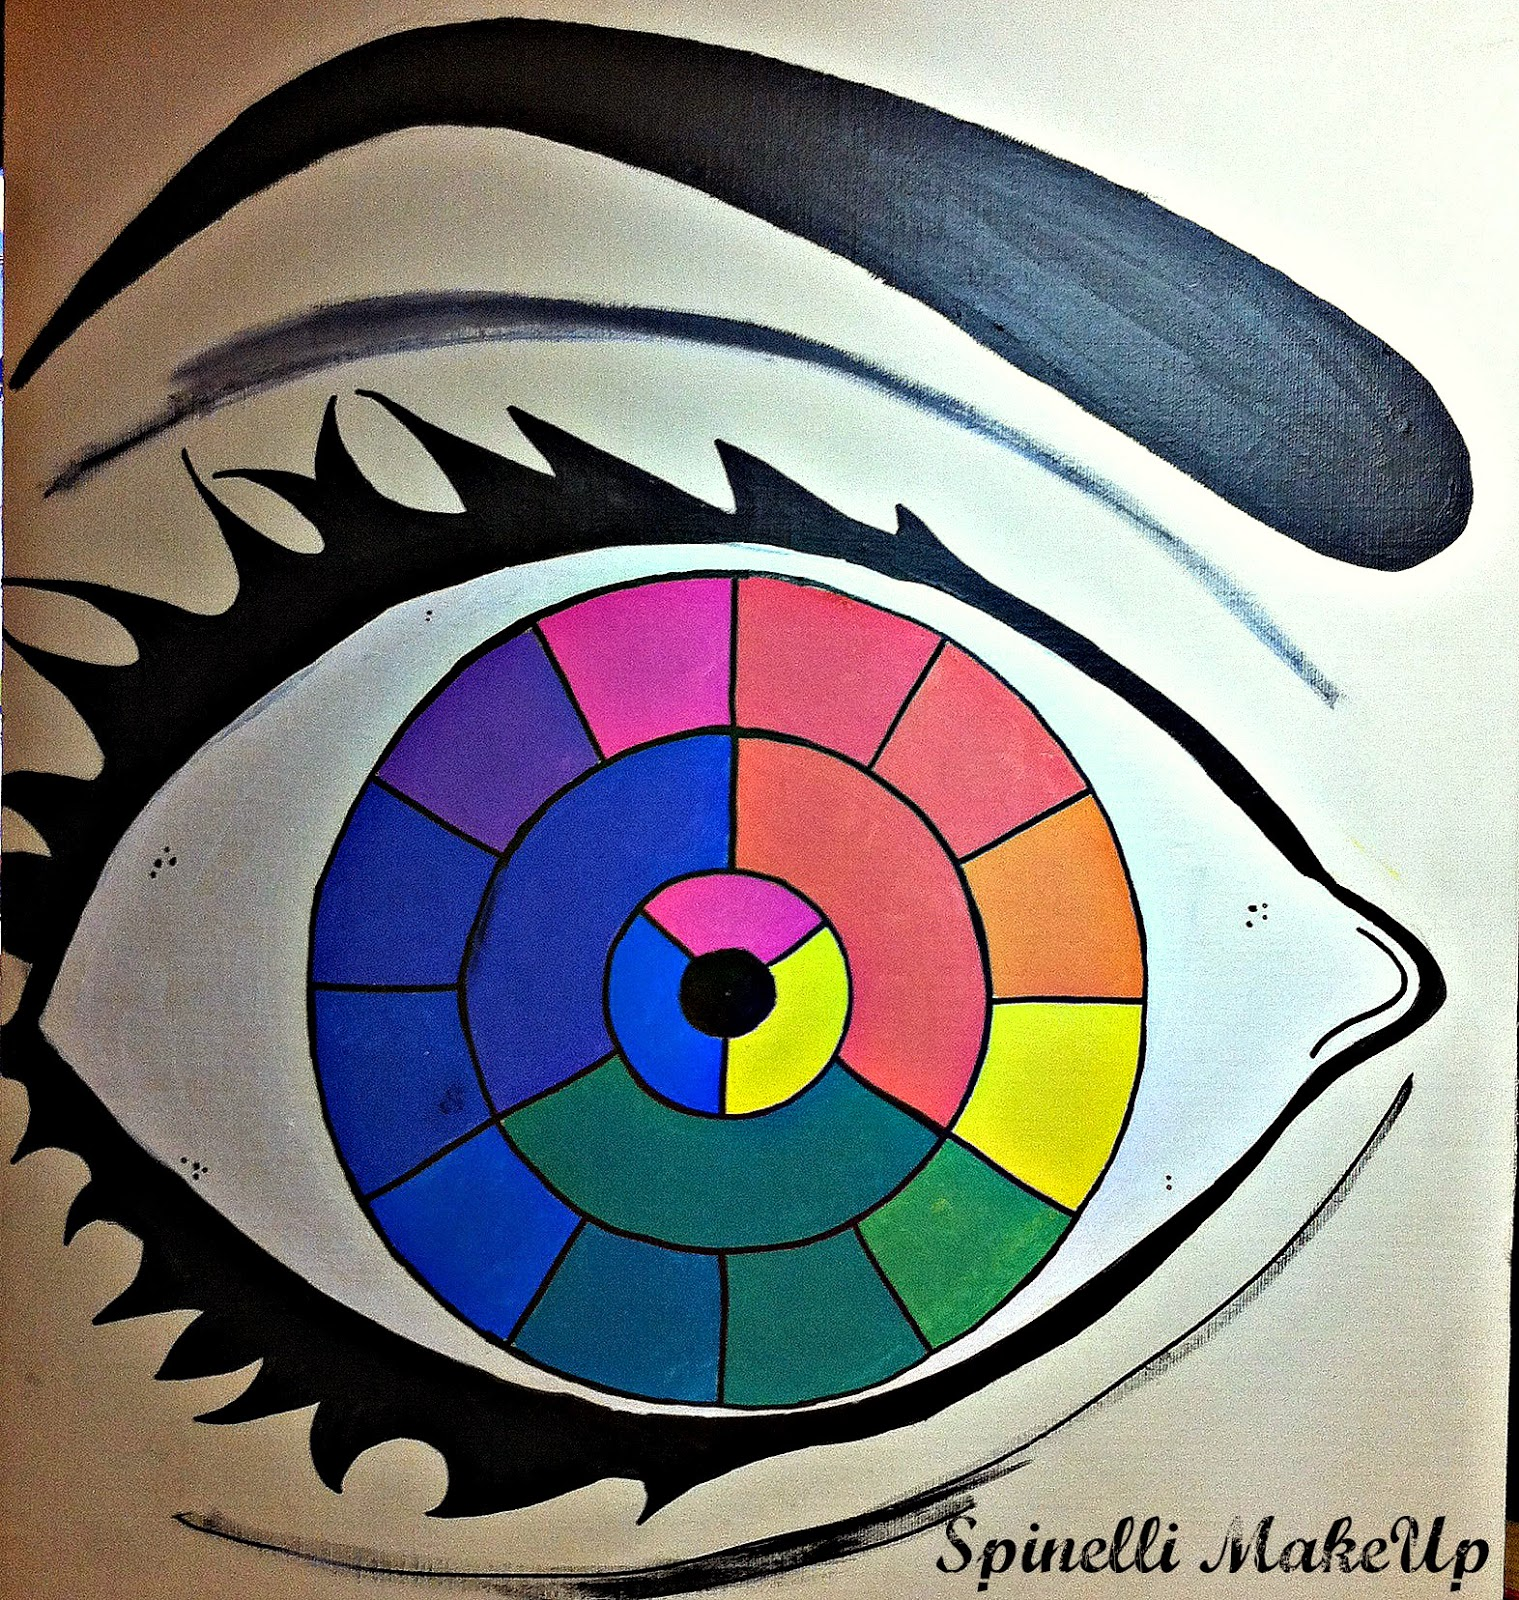 Spinelli makeup colores c lidos y fr os - Los colores calidos y frios ...